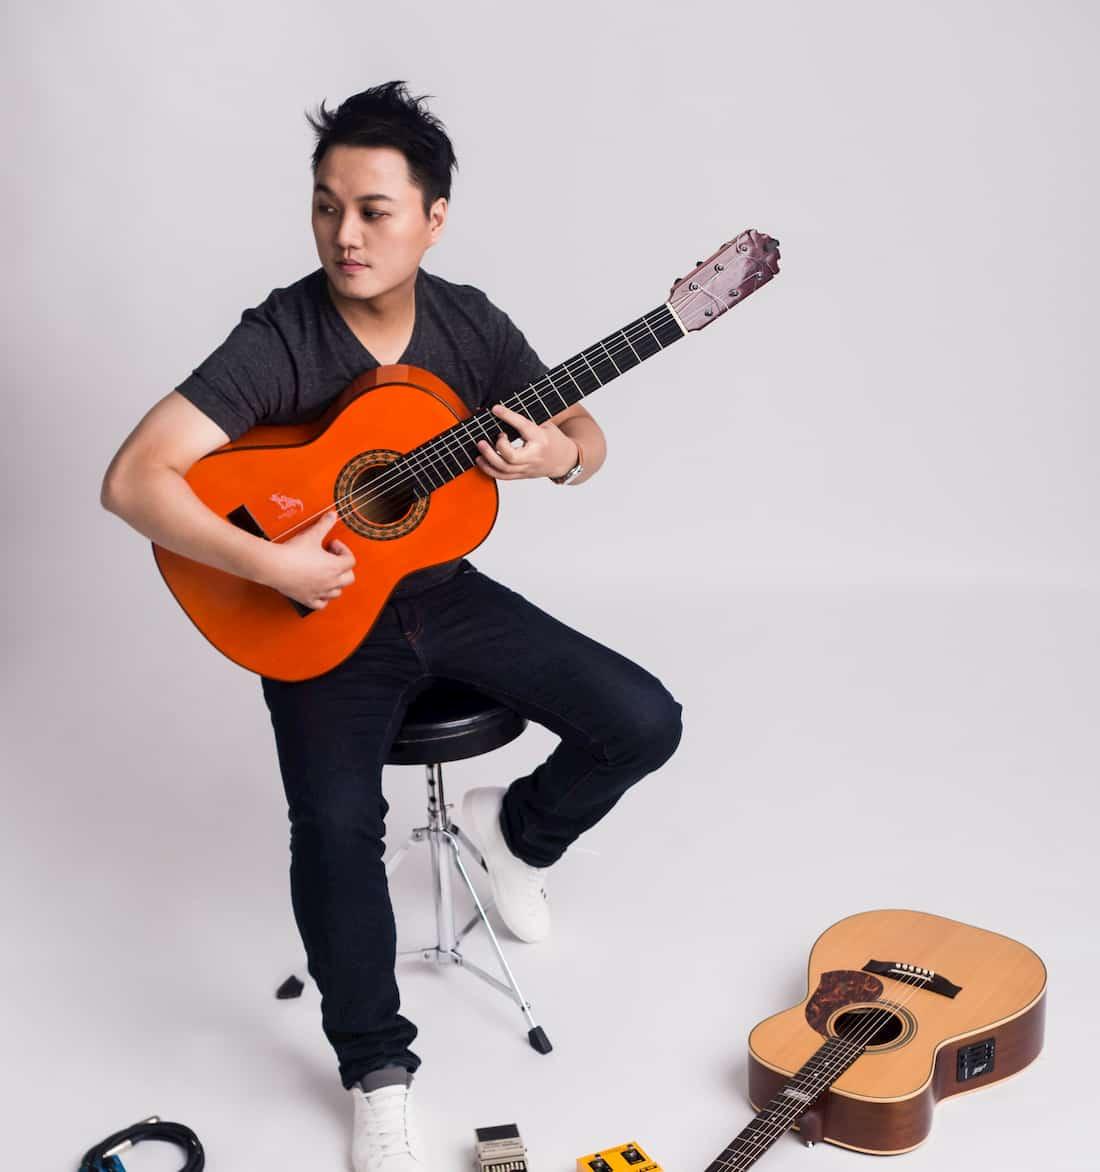 劉雲平老師彈奏佛朗明哥吉他